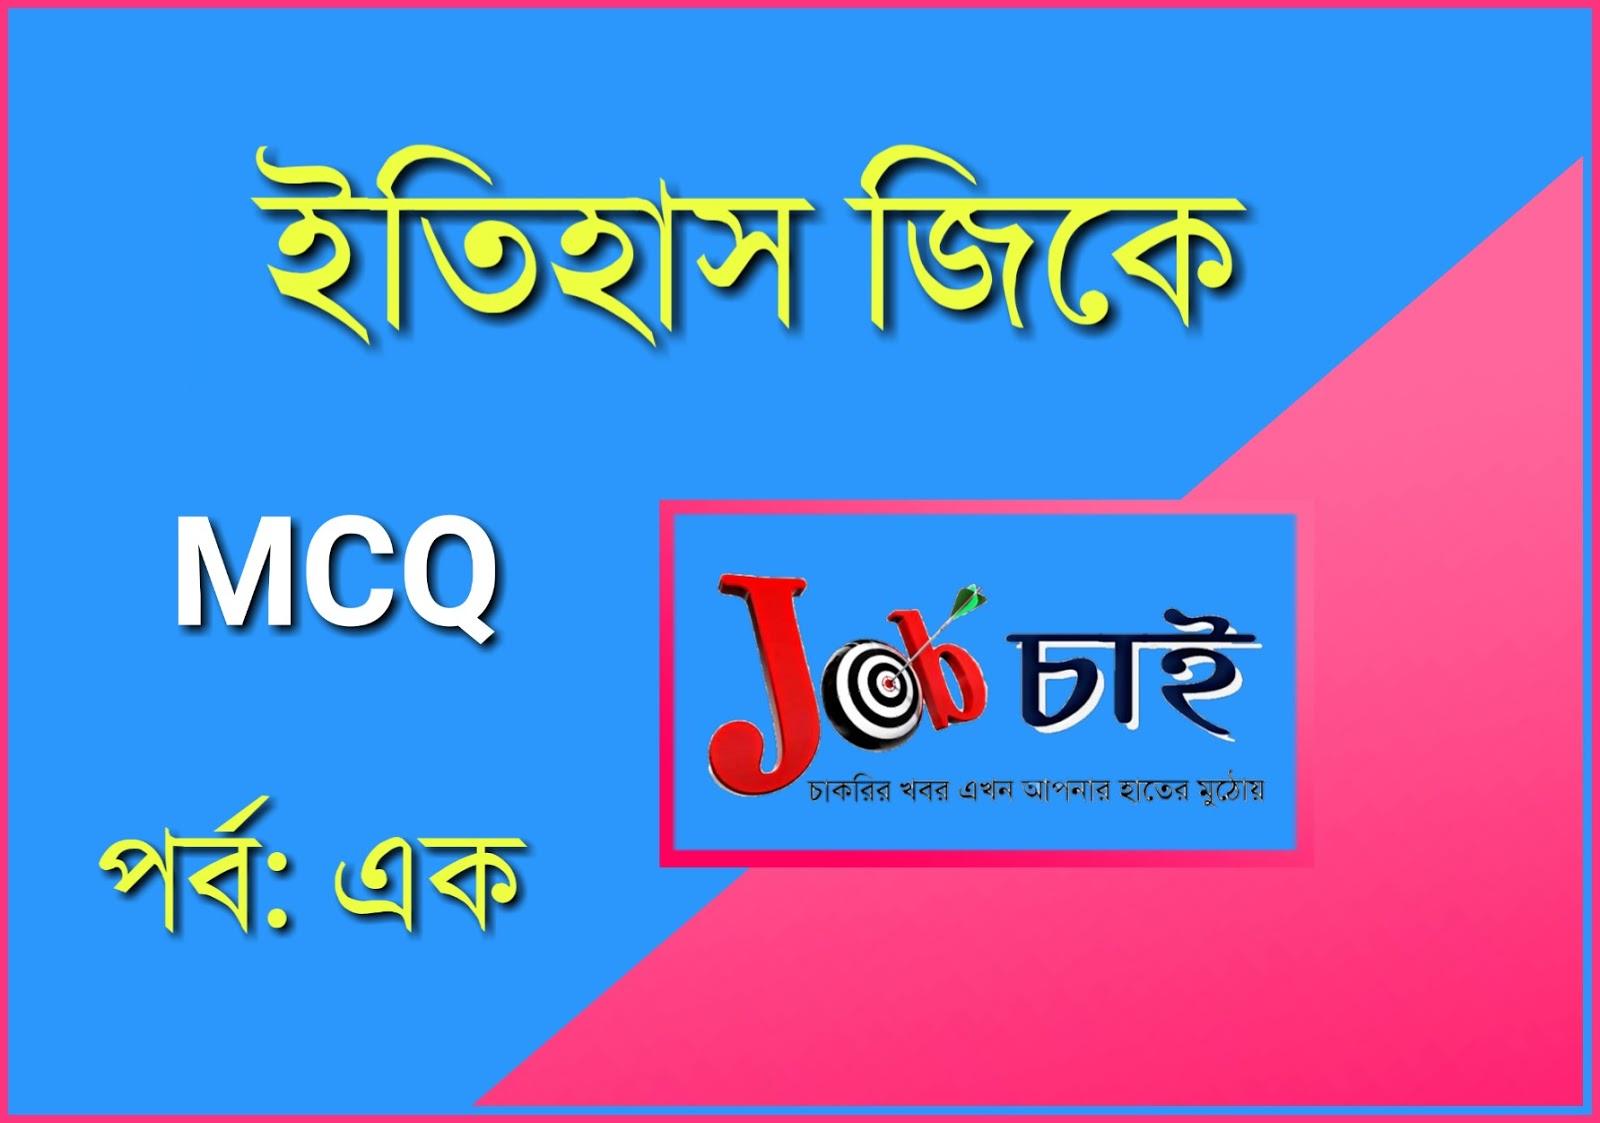 ইতিহাস জিকে MCQ প্রশ্ন ও উত্তর | History GK MCQ in Bengali | Part-1